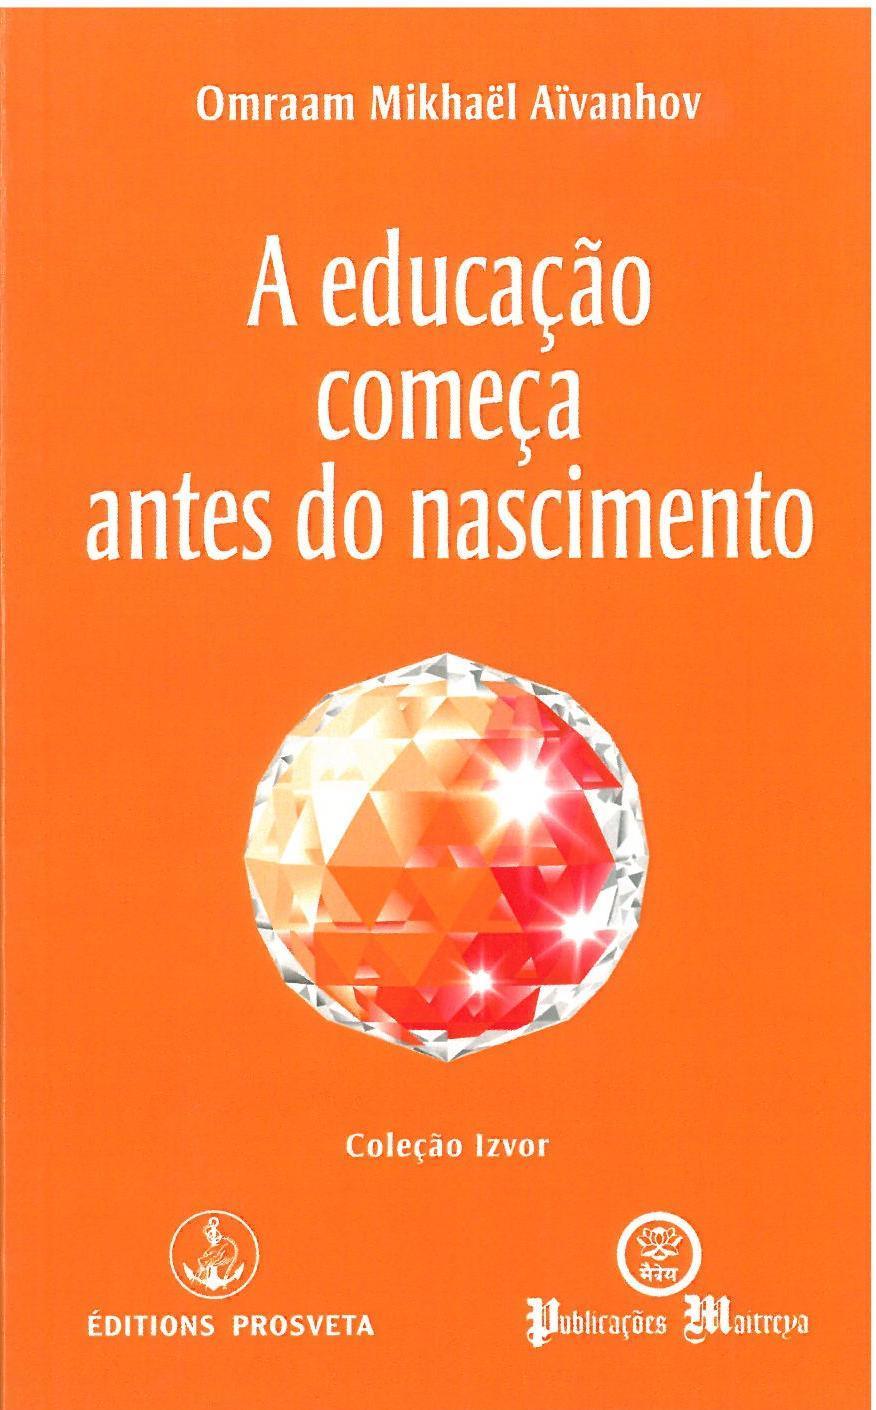 A educação começa antes do nascimento_.jpg